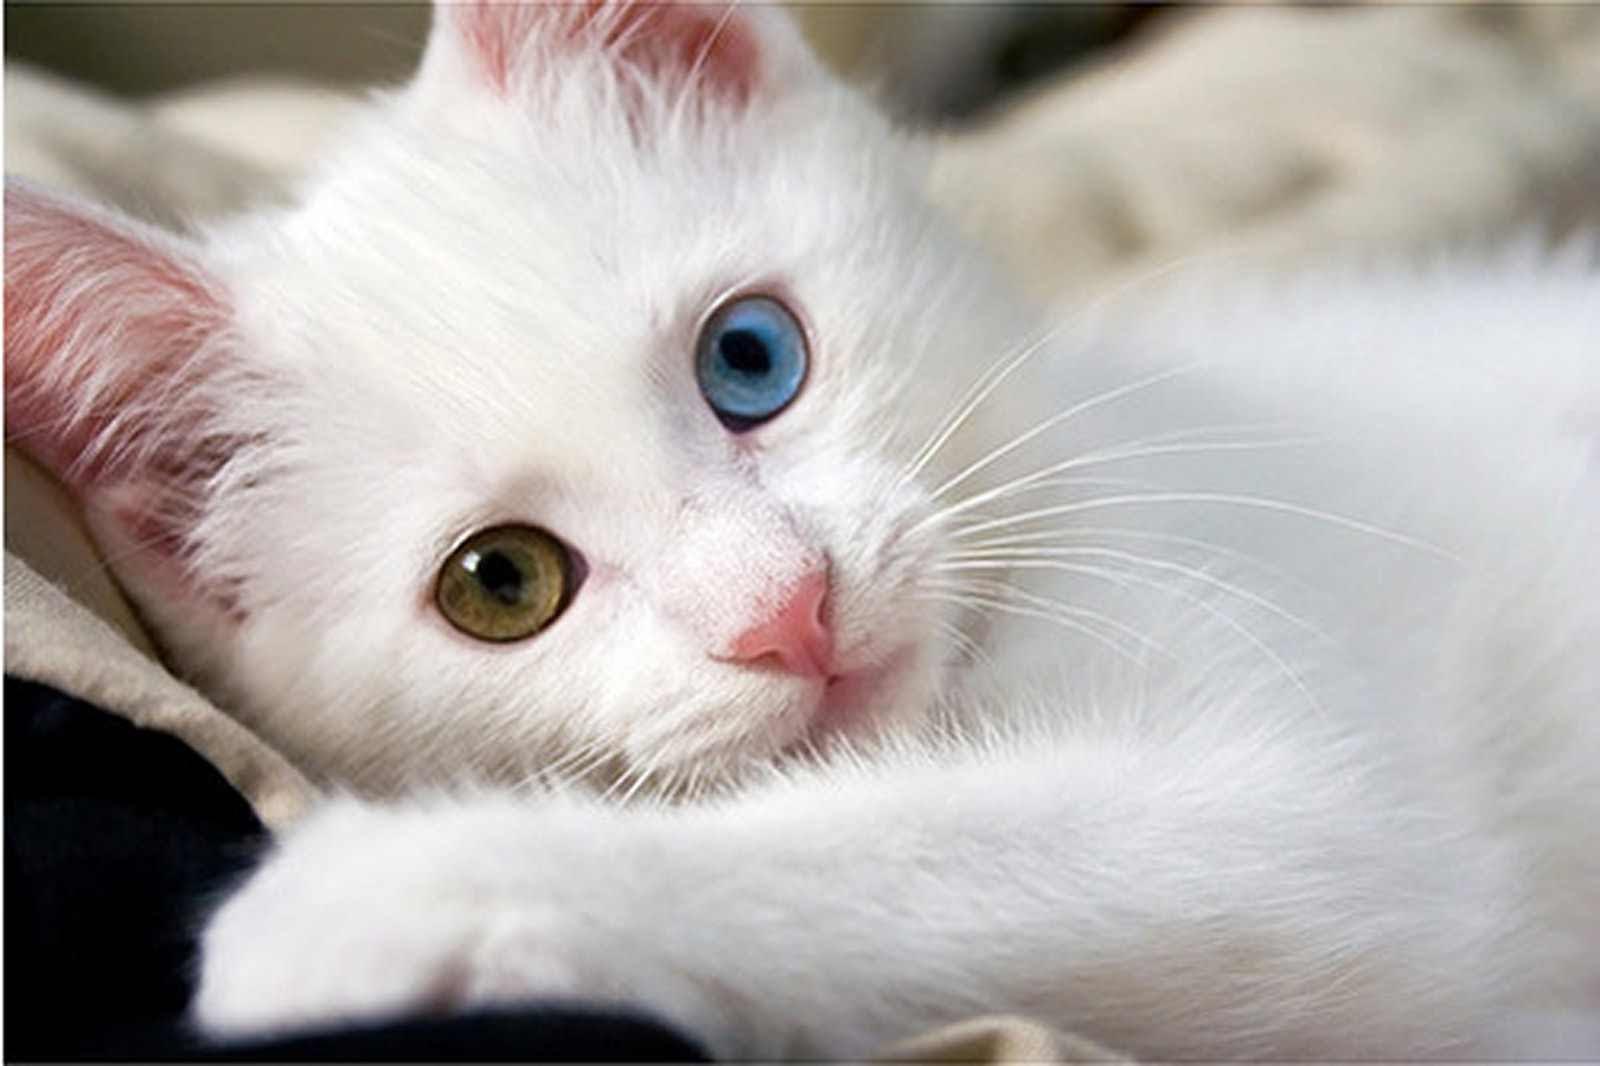 صورة اجمل الصور للقطط في العالم , صور قطط لطيفة